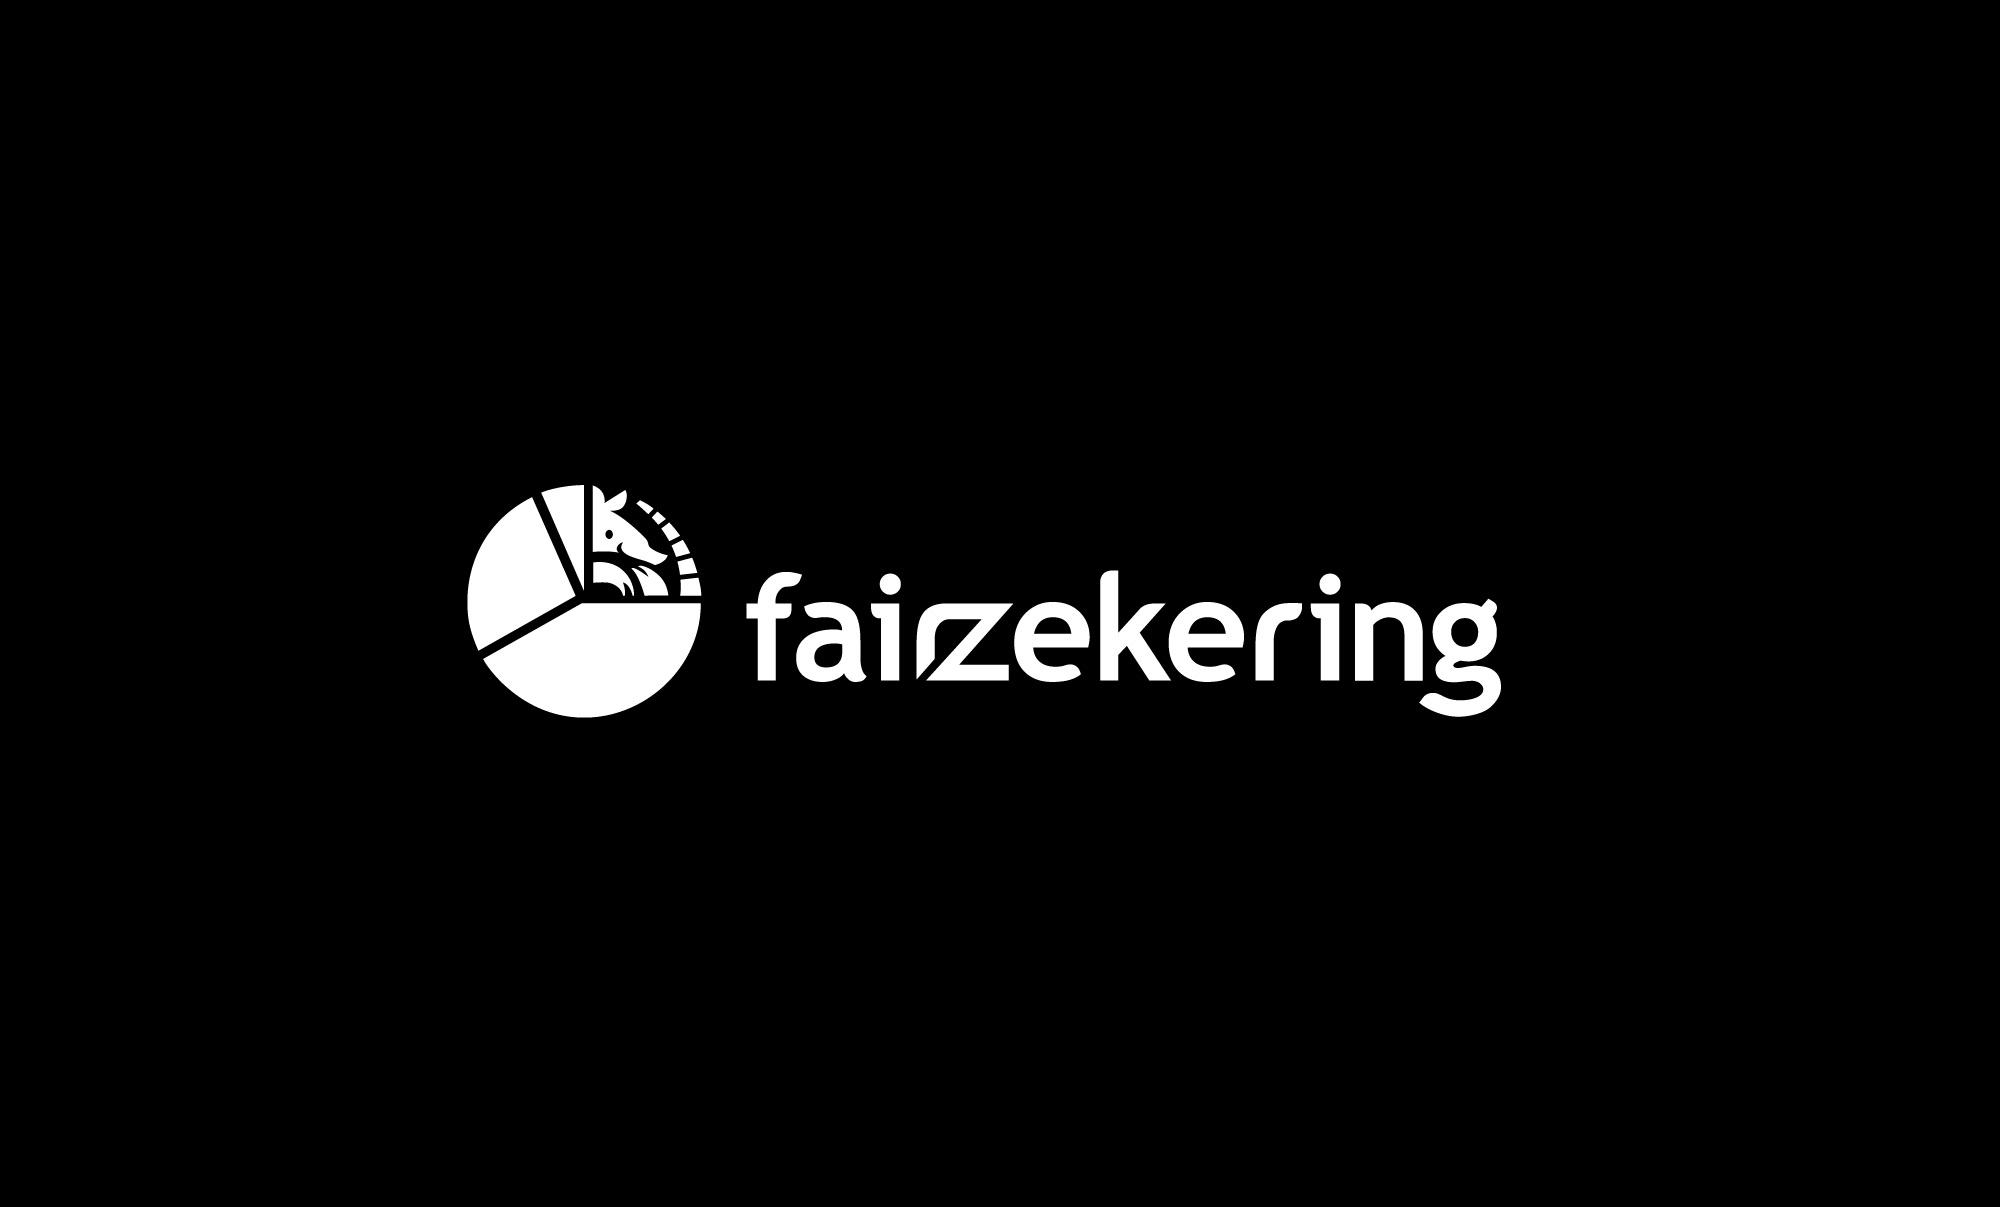 Fairzekering logo